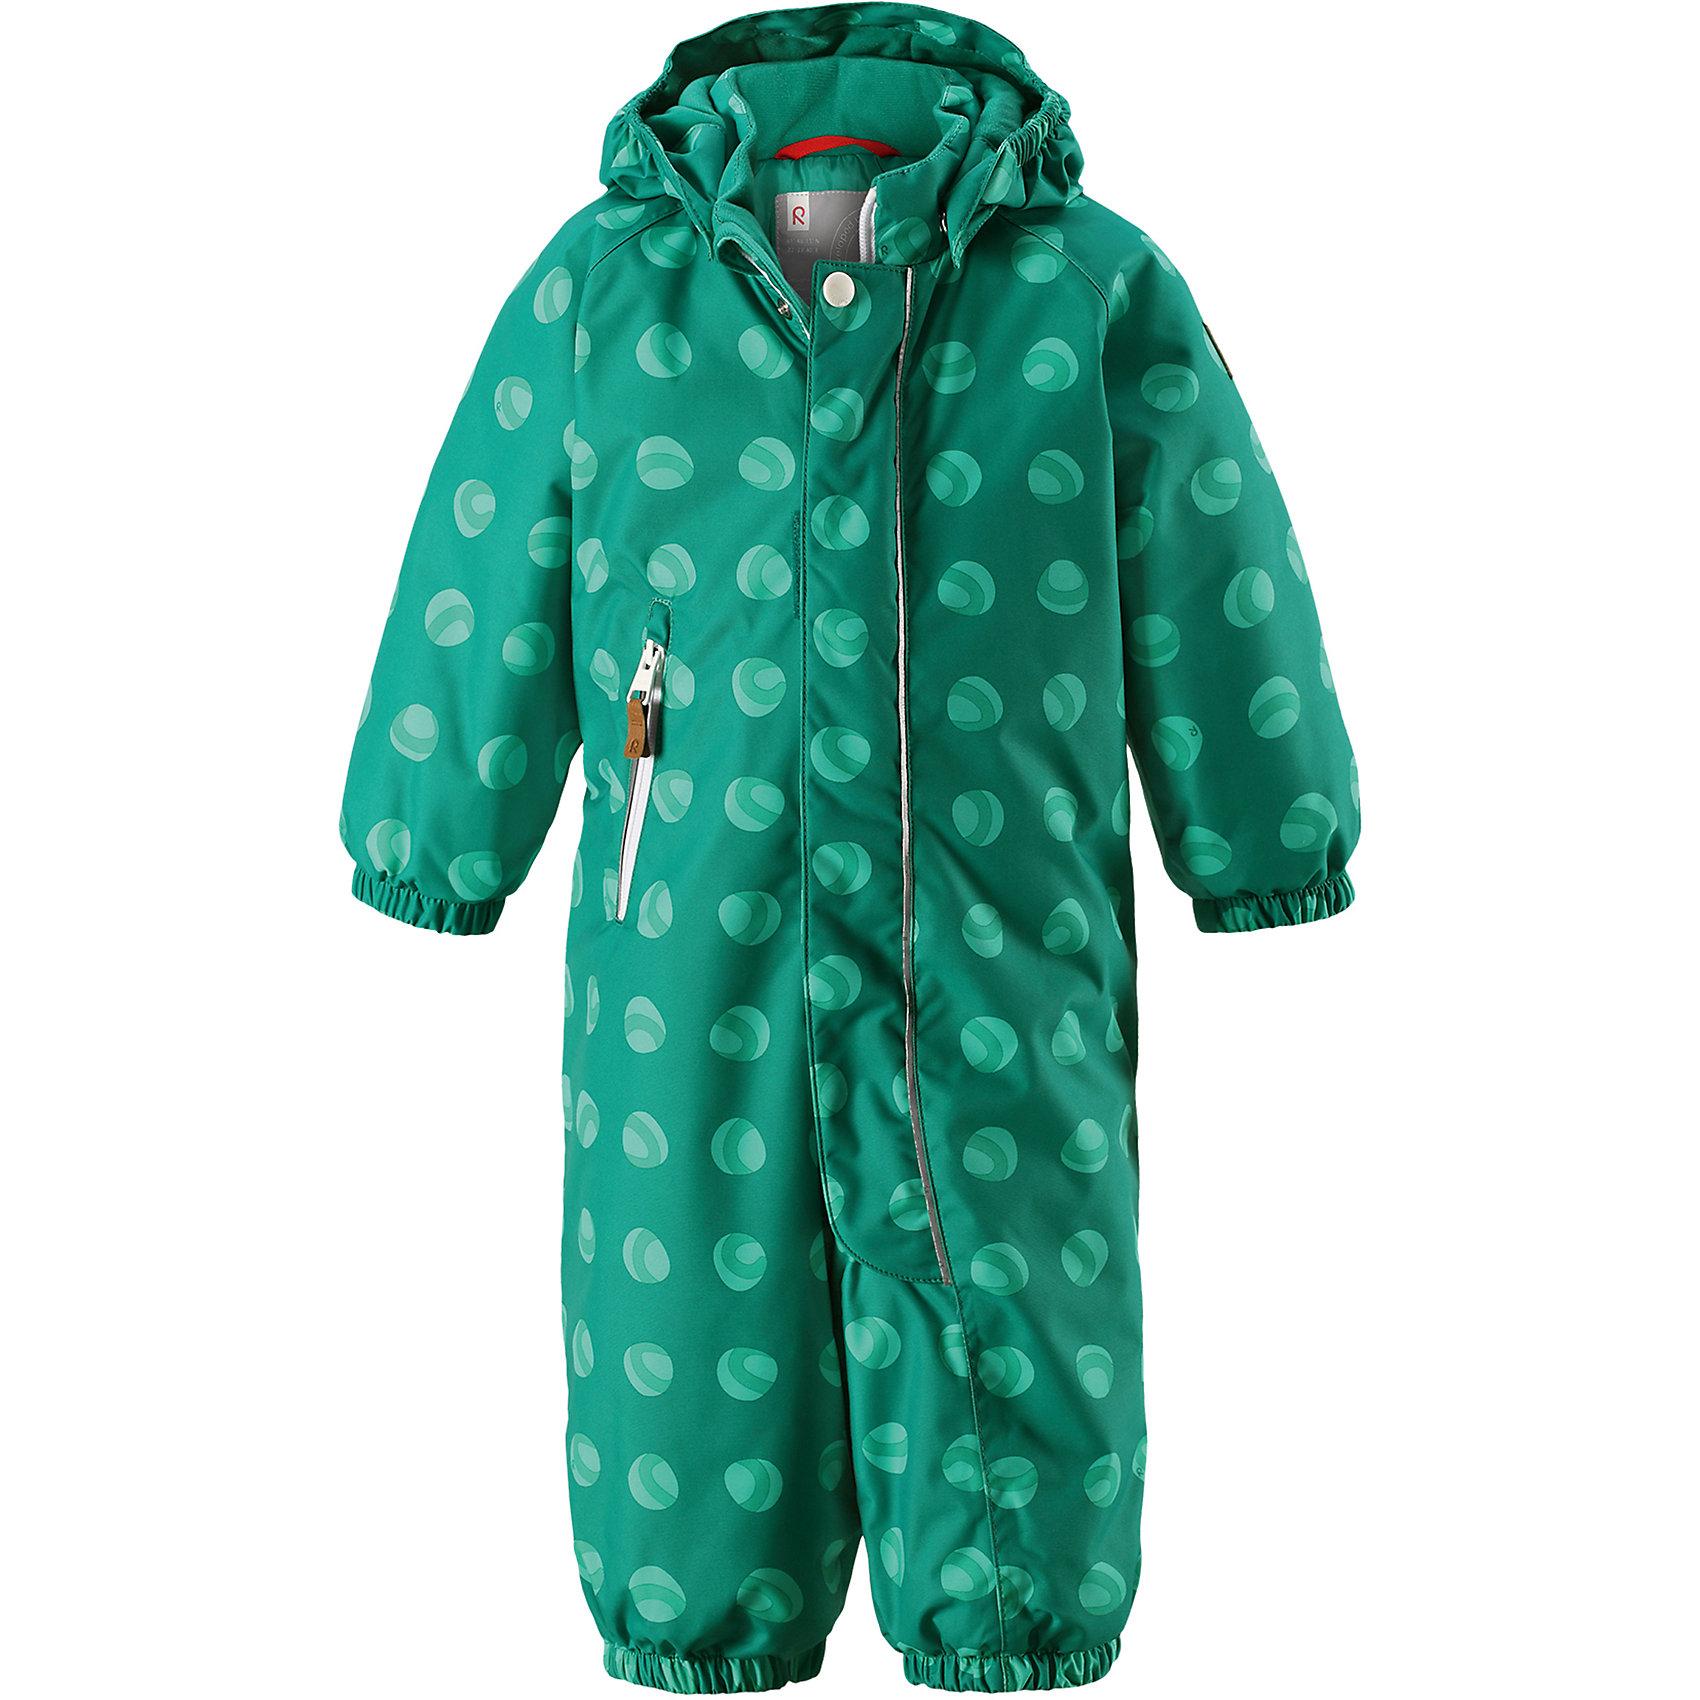 Комбинезон Reima Reimatec® PuhuriВерхняя одежда<br>Характеристики товара:<br><br>• цвет: зеленый<br>• состав: 100% полиэстер<br>• утеплитель: 160 г/м2 (soft loft insulation)<br>• сезон: зима<br>• температурный режим: от 0 до -20С<br>• водонепроницаемость: 8000 мм<br>• воздухопроницаемость: 10000 мм<br>• износостойкость: 30000 циклов (тест Мартиндейла)<br>• особенности модели: с рисунком<br>• основные швы проклеены и не пропускают влагу<br>• водо- и ветронепроницаемый, дышащий и грязеотталкивающий материал<br>• утепленная задняя часть изделия<br>• гладкая подкладка из полиэстера<br>• безопасный, съемный капюшон<br>• защита подбородка от защемления<br>• эластичные манжеты и штанины<br>• внутренняя регулировка обхвата талии<br>• съемные эластичные штрипки <br>• длинная молния для легкого надевания<br>• карман на молнии<br>• светоотражающие детали<br>• страна бренда: Финляндия<br>• страна изготовитель: Китай<br><br>Зимний комбинезон на молнии для малышей! Основные швы комбинезона проклеены, а сам он изготовлен из водо и ветронепроницаемого, грязеотталкивающего материала. Утепленная задняя часть обеспечит дополнительное утепление во время игр в снегу.<br><br>Гладкая подкладка и длинная молния облегчают надевание, а талия в комбинезоне регулируется. Маленький карман на молнии надежно сохранит все сокровища. Зимний комбинезон с капюшоном для мальчика декорирован рисунком с мячиками.<br><br>Комбинезон Puhuri Reimatec® Reima от финского бренда Reima (Рейма) можно купить в нашем интернет-магазине.<br><br>Ширина мм: 356<br>Глубина мм: 10<br>Высота мм: 245<br>Вес г: 519<br>Цвет: зеленый<br>Возраст от месяцев: 24<br>Возраст до месяцев: 36<br>Пол: Унисекс<br>Возраст: Детский<br>Размер: 98,74,80,86,92<br>SKU: 6908086